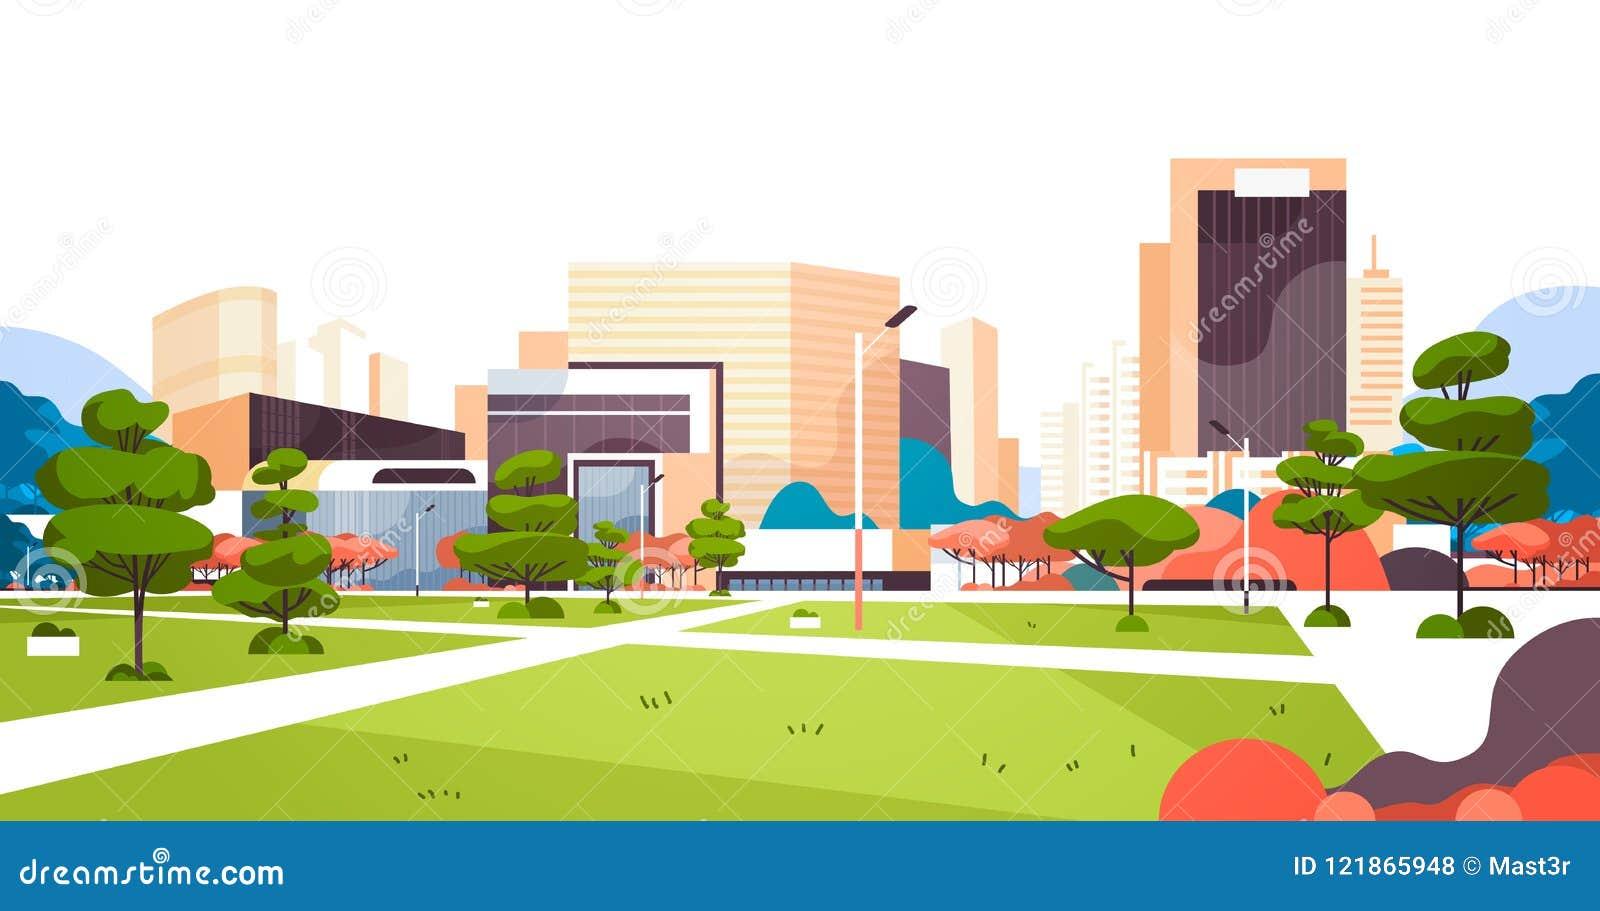 Los edificios urbanos del rascacielos del parque de la ciudad ven el paisaje urbano moderno en el centro de la ciudad completamen